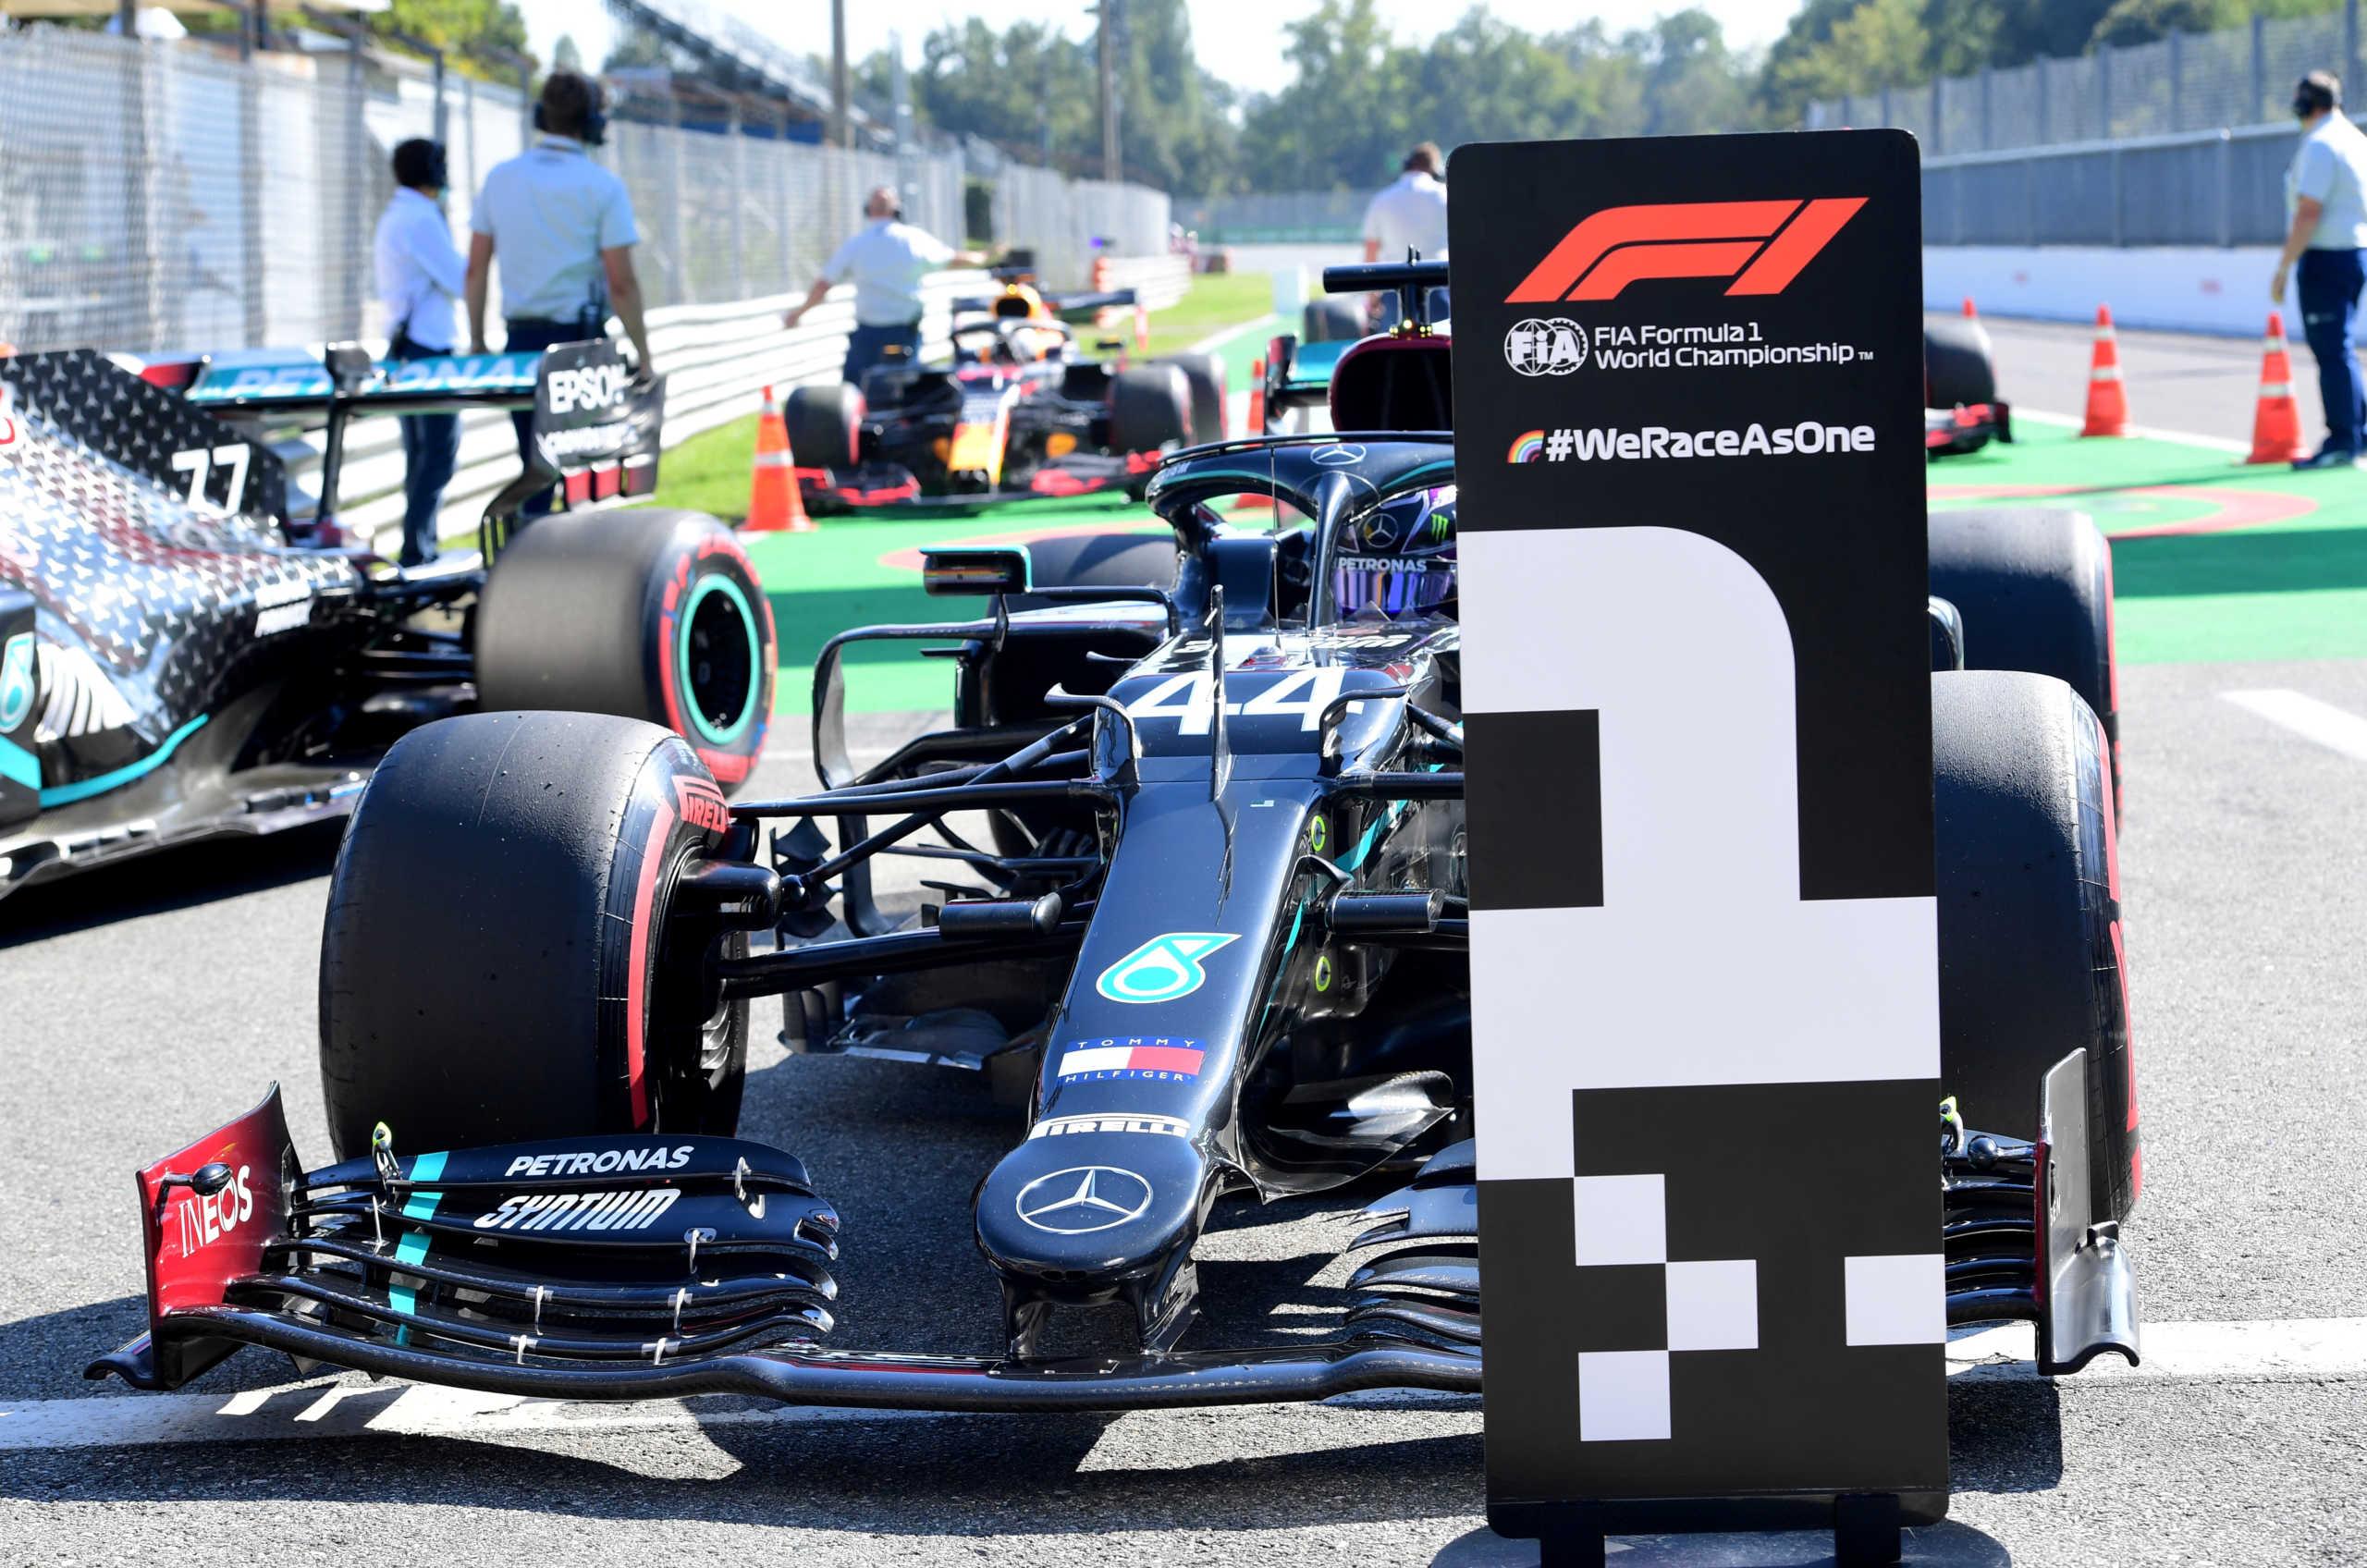 """Formula 1: Πάρτι της Mercedes με 1-2 στο """"σπίτι"""" της Ferrari! Pole position ξανά ο Χάμιλτον"""